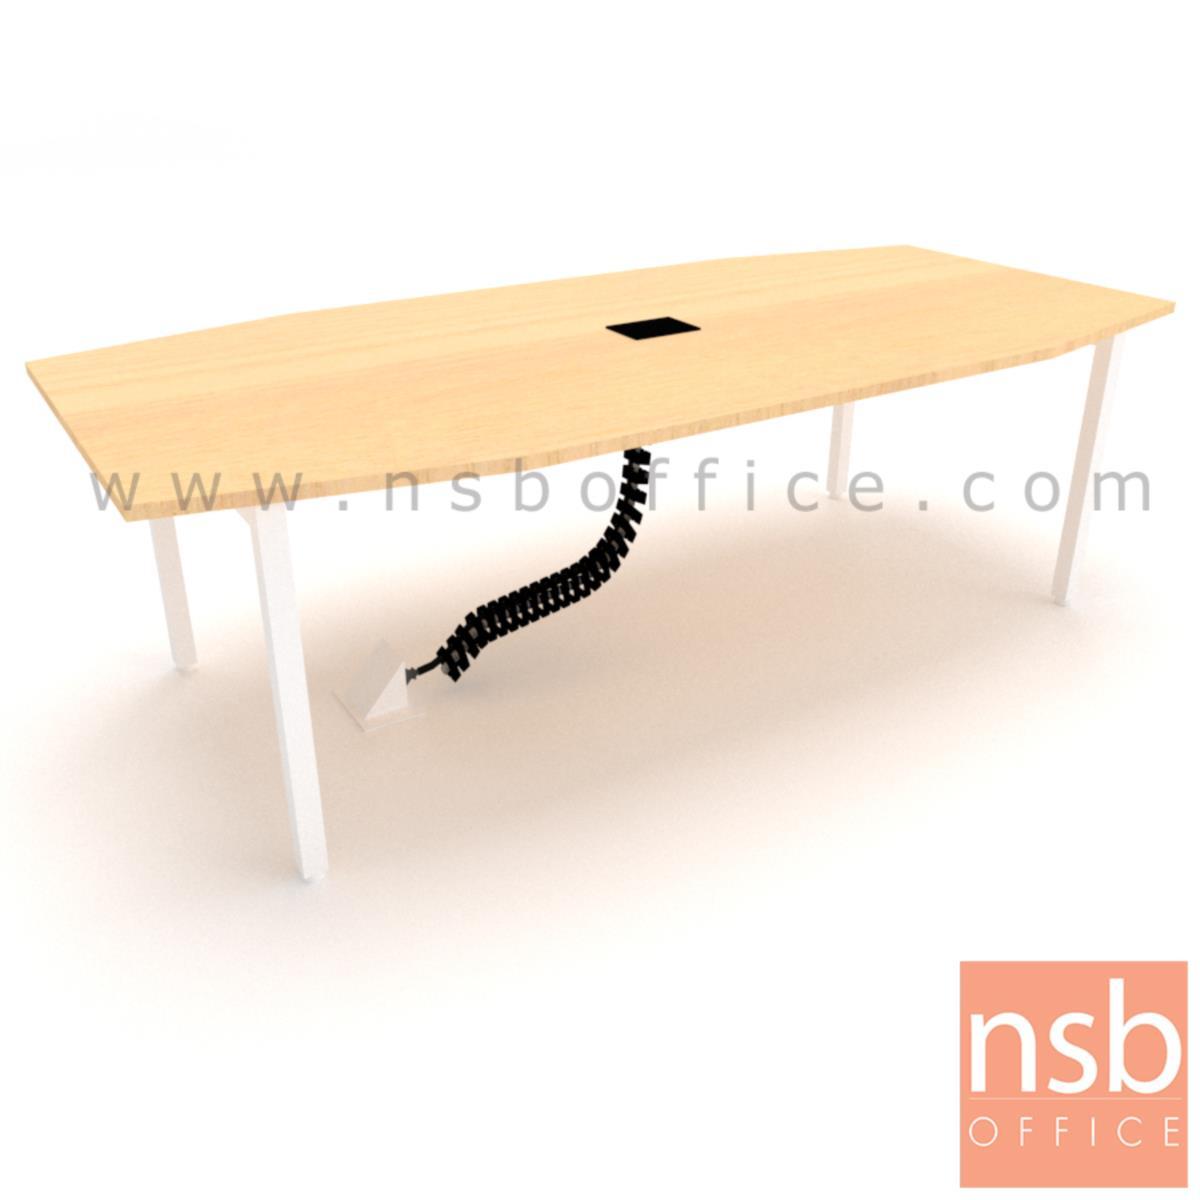 A05A207:โต๊ะประชุม ทรงเรือ  ขนาด 240W*120D cm. พร้อมป็อบอัพหน้าโต๊ะและกระดูกงูร้อยสายไฟ